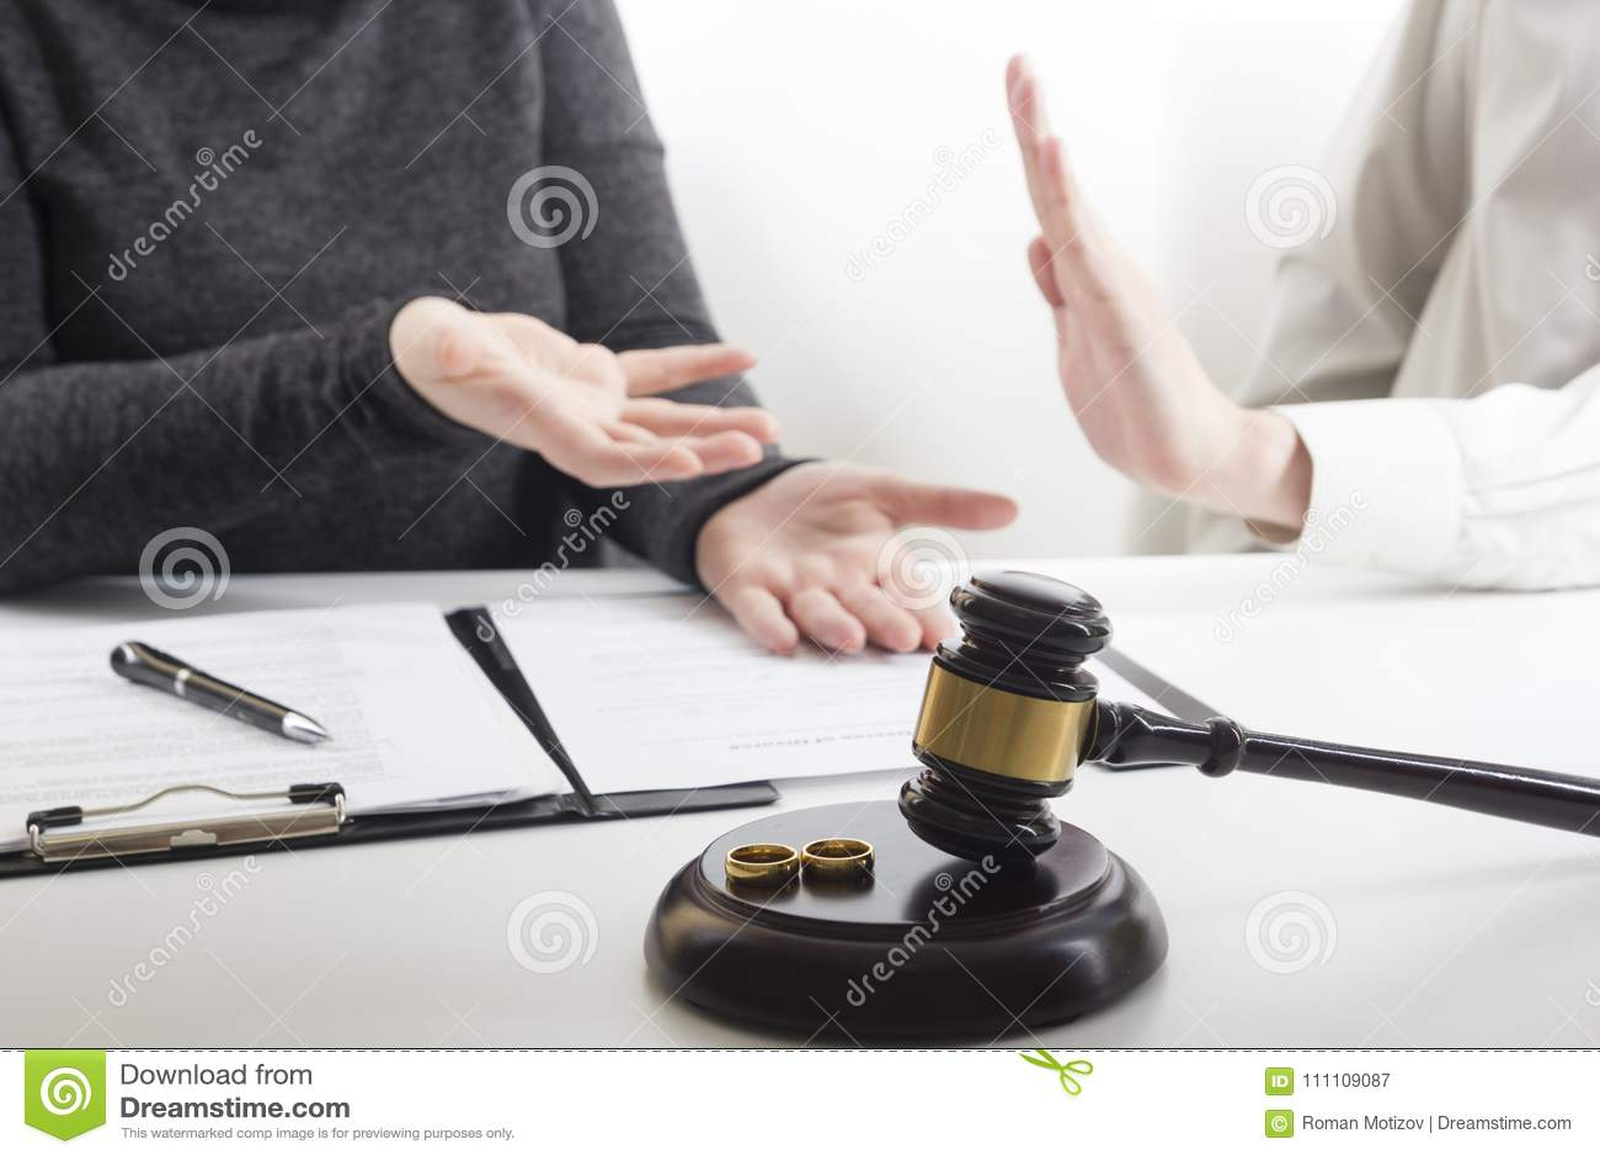 Ręki żona, męża podpisywania rozwód dekret, rozpuszczenie, odwoływa małżeństwo, legalnego rozdzielenia dokumenty, segreguje